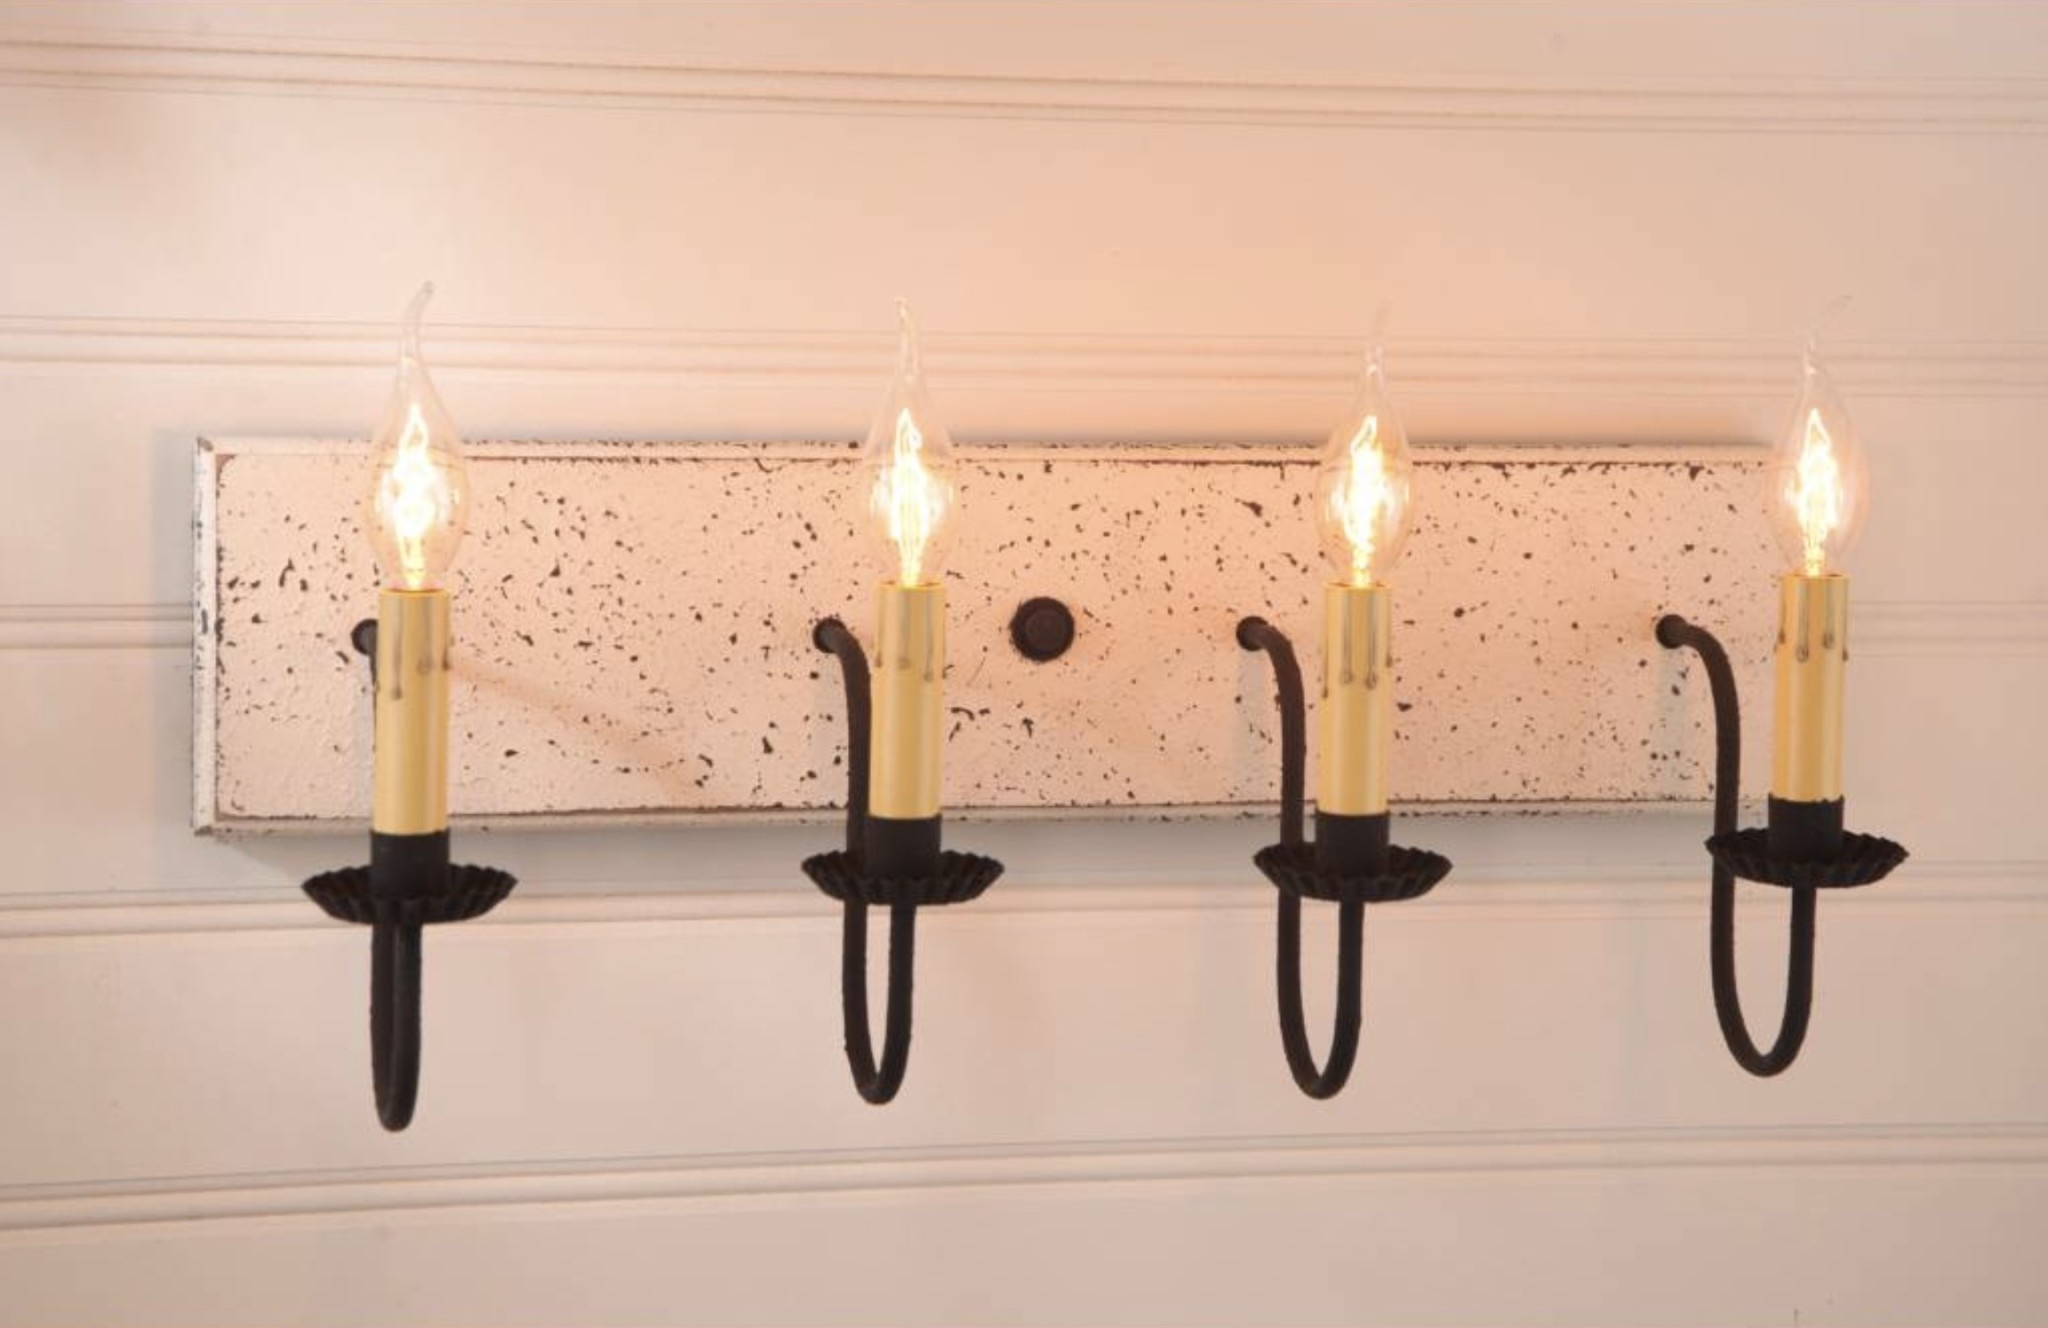 Irvin's Tinware Four Light Vanity Light in Americana